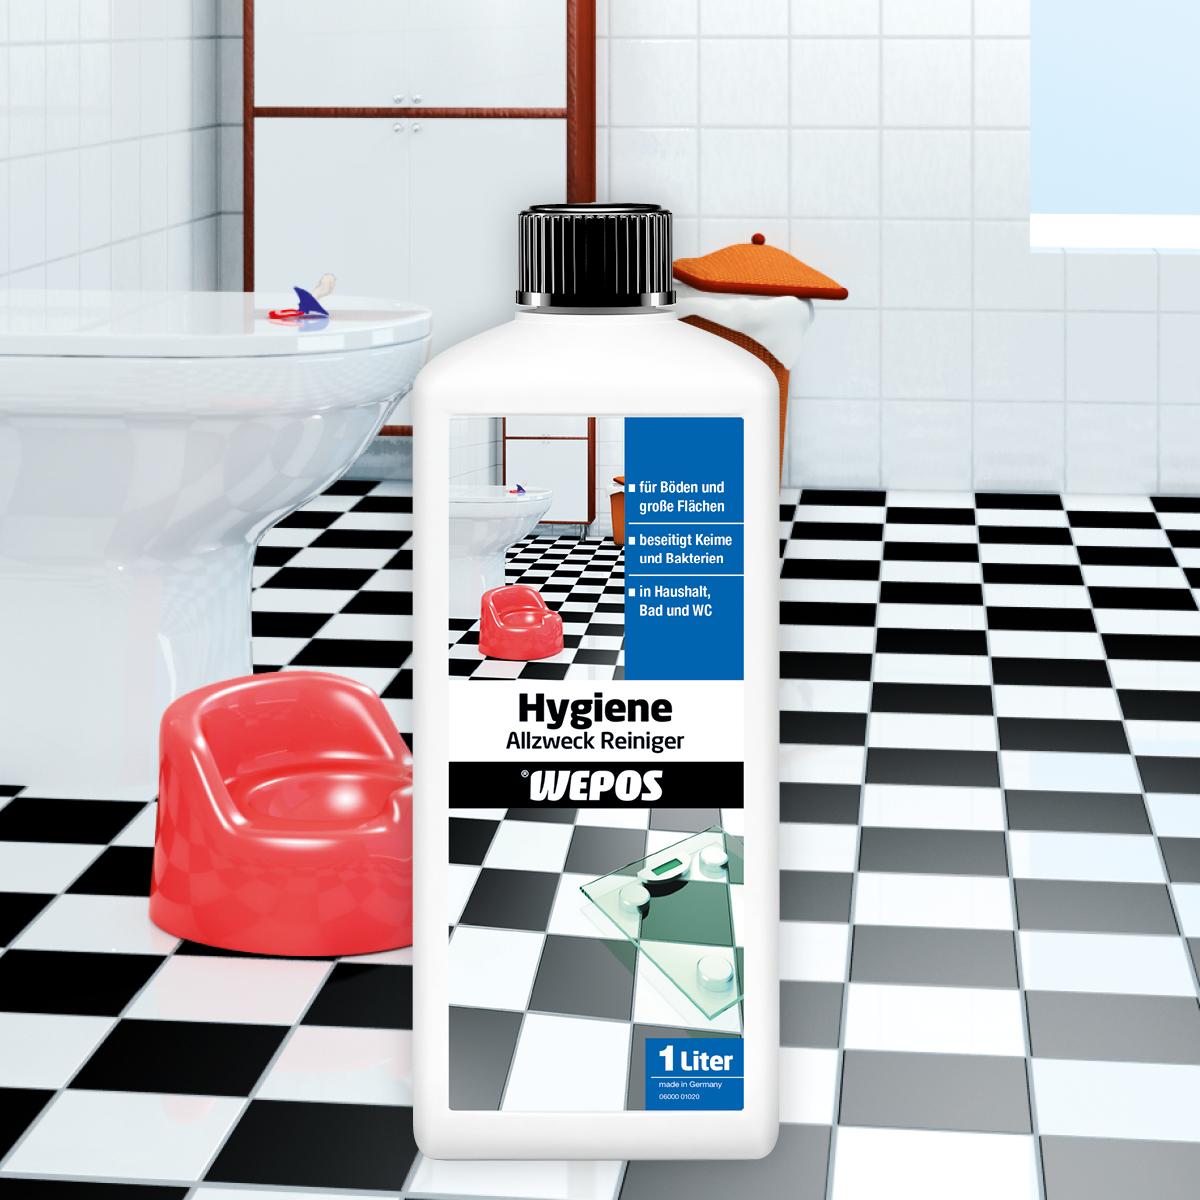 Hygiene Allzweck Reiniger